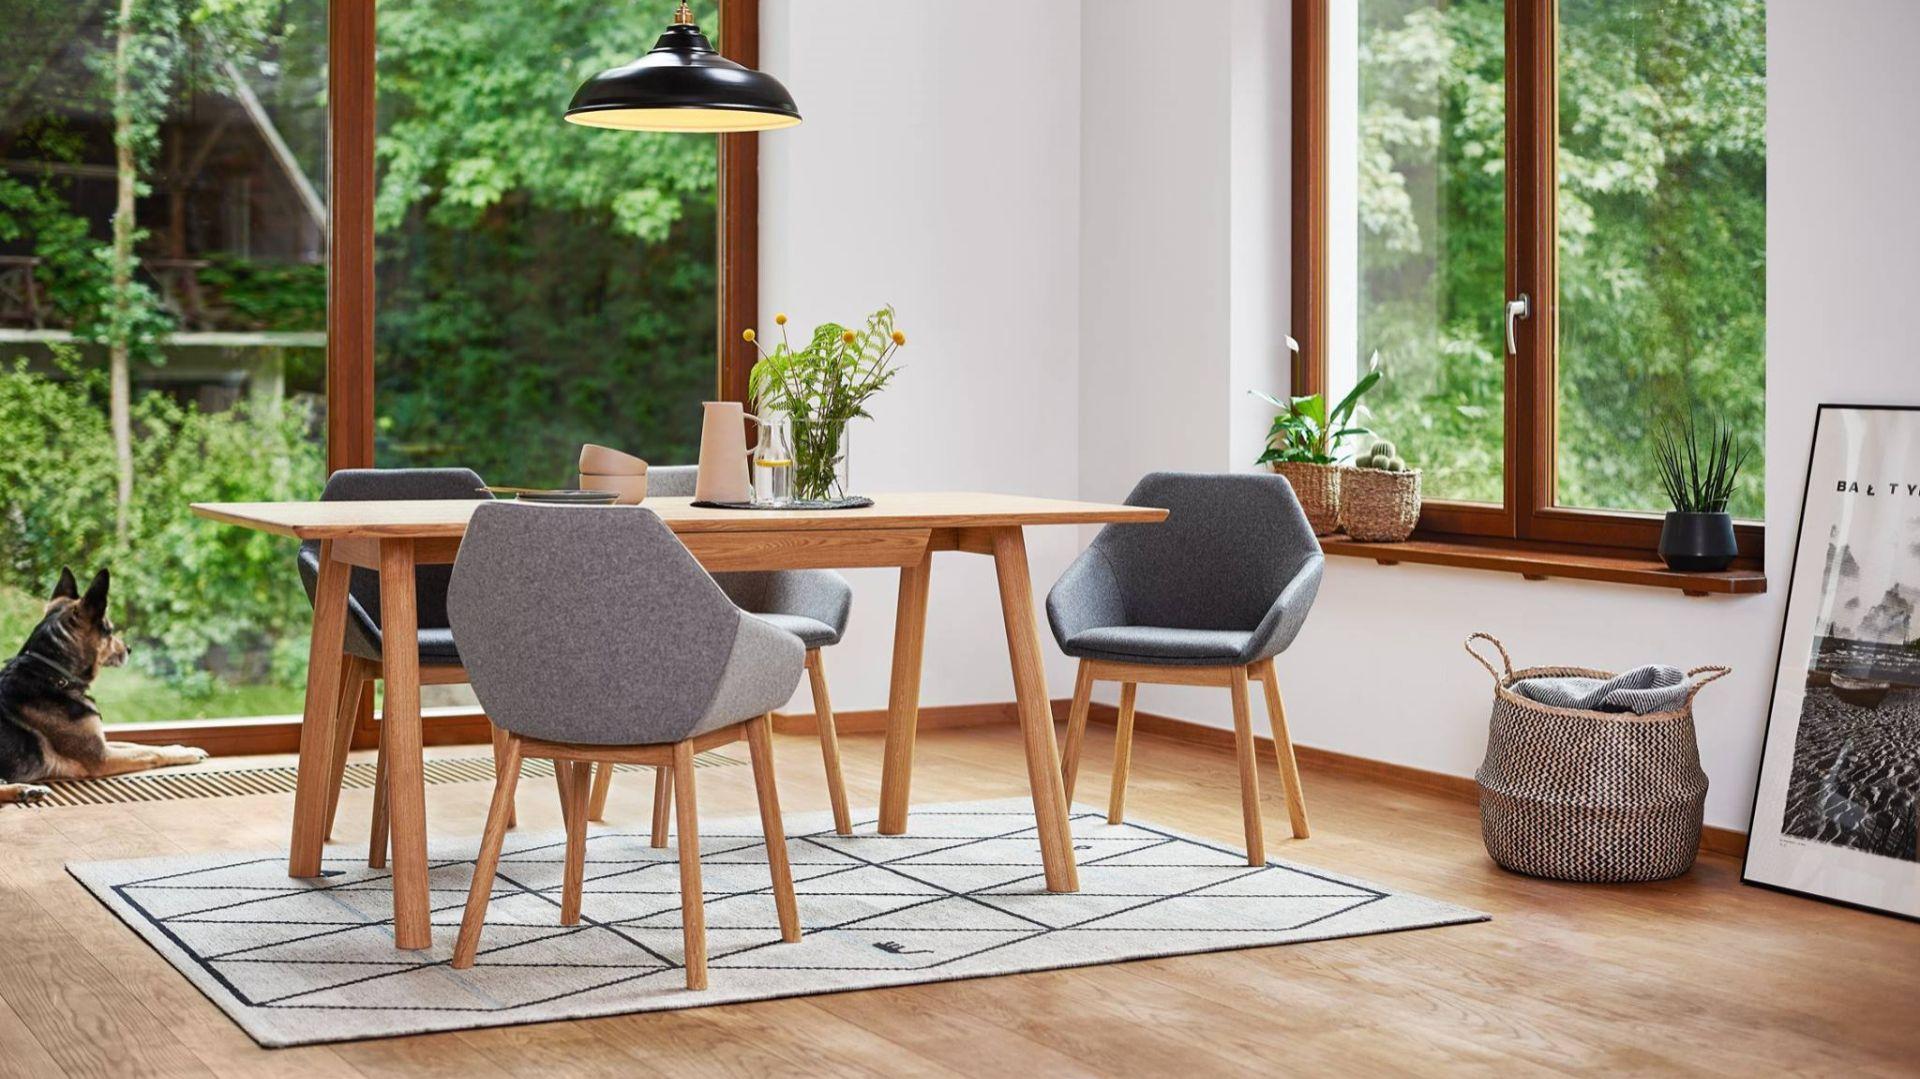 Krzesło Tuk i stół April stół dla Paged. Projekt: Studio Szpunar. Fot. Paged